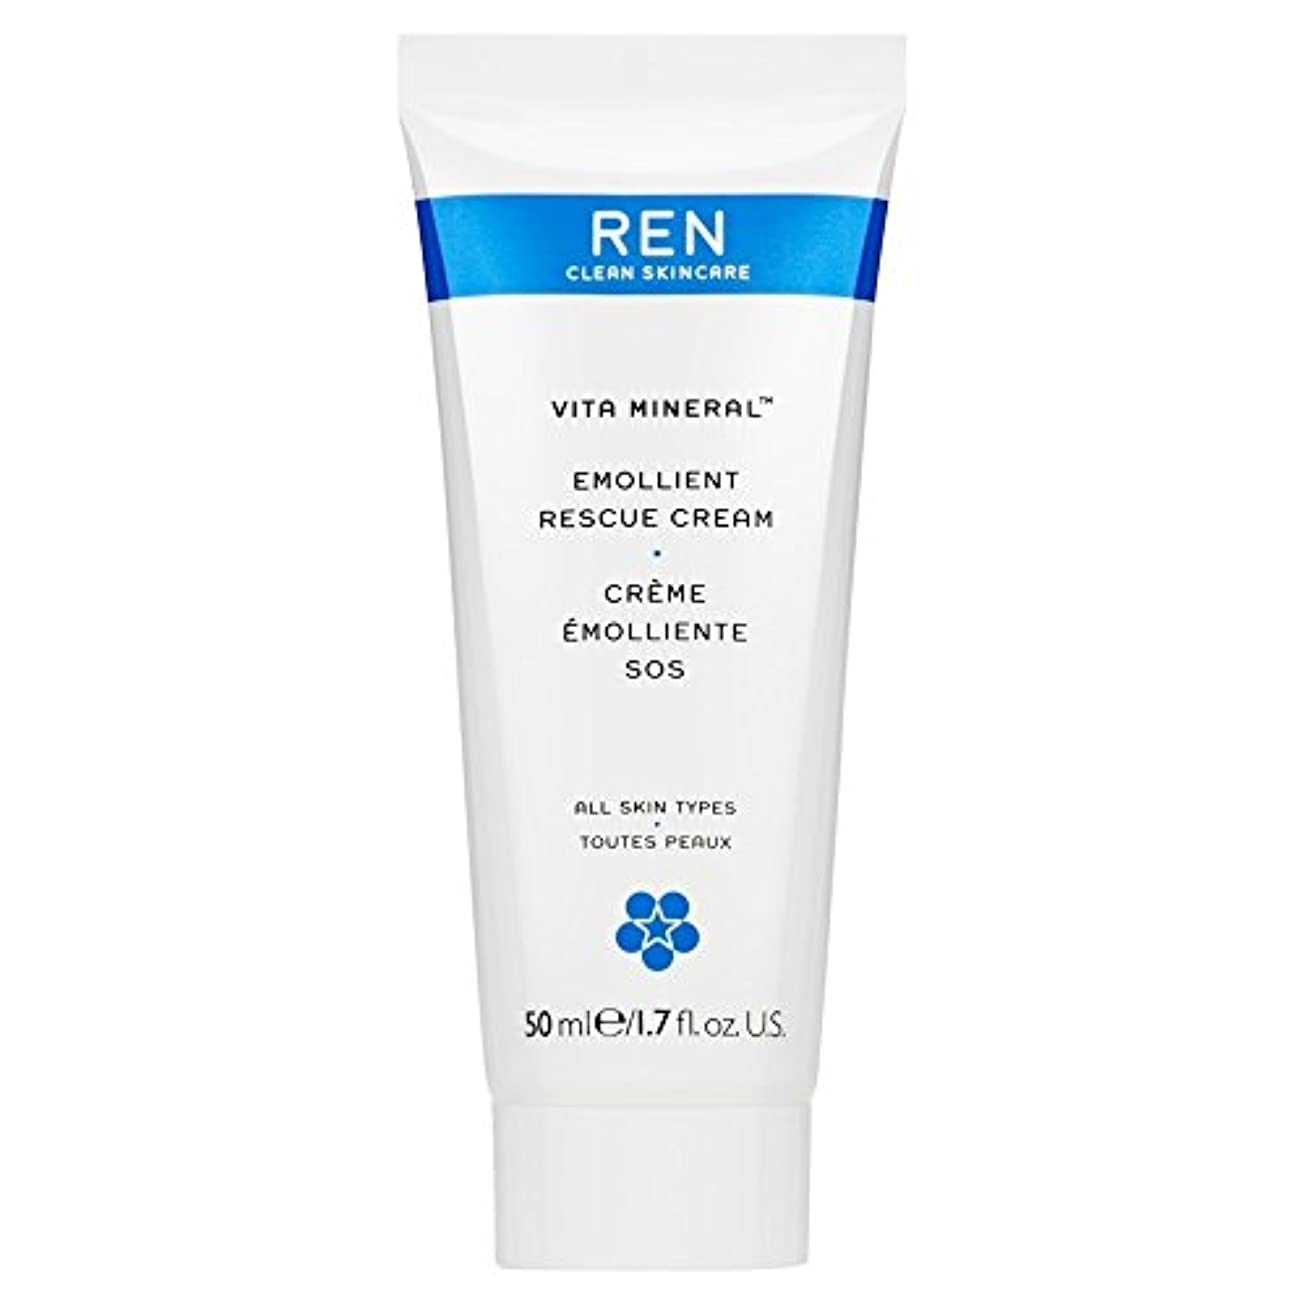 円形の安西うがい薬Renヴィータミネラルレスキュークリーム、50ミリリットル (REN) - REN Vita Mineral Rescue Cream, 50ml [並行輸入品]